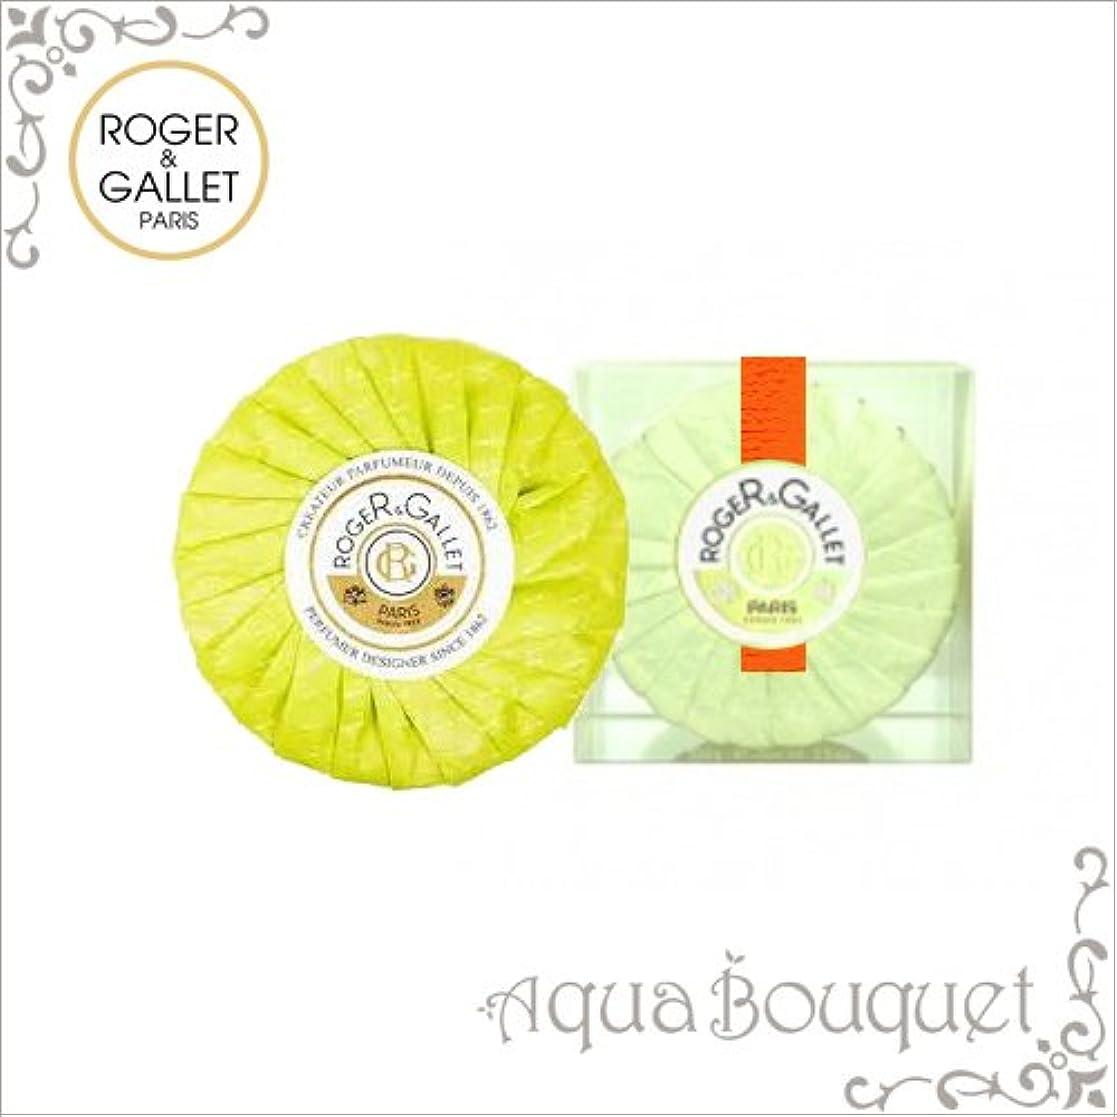 報復する高音潜むロジェガレ オスマンティウスパフューム 香水石鹸 100g ROGER&GALLET FLEUR D'OSMANTHUS PERFUMED SOAP [1278](プラスチック簡易ケース入り) [並行輸入品]